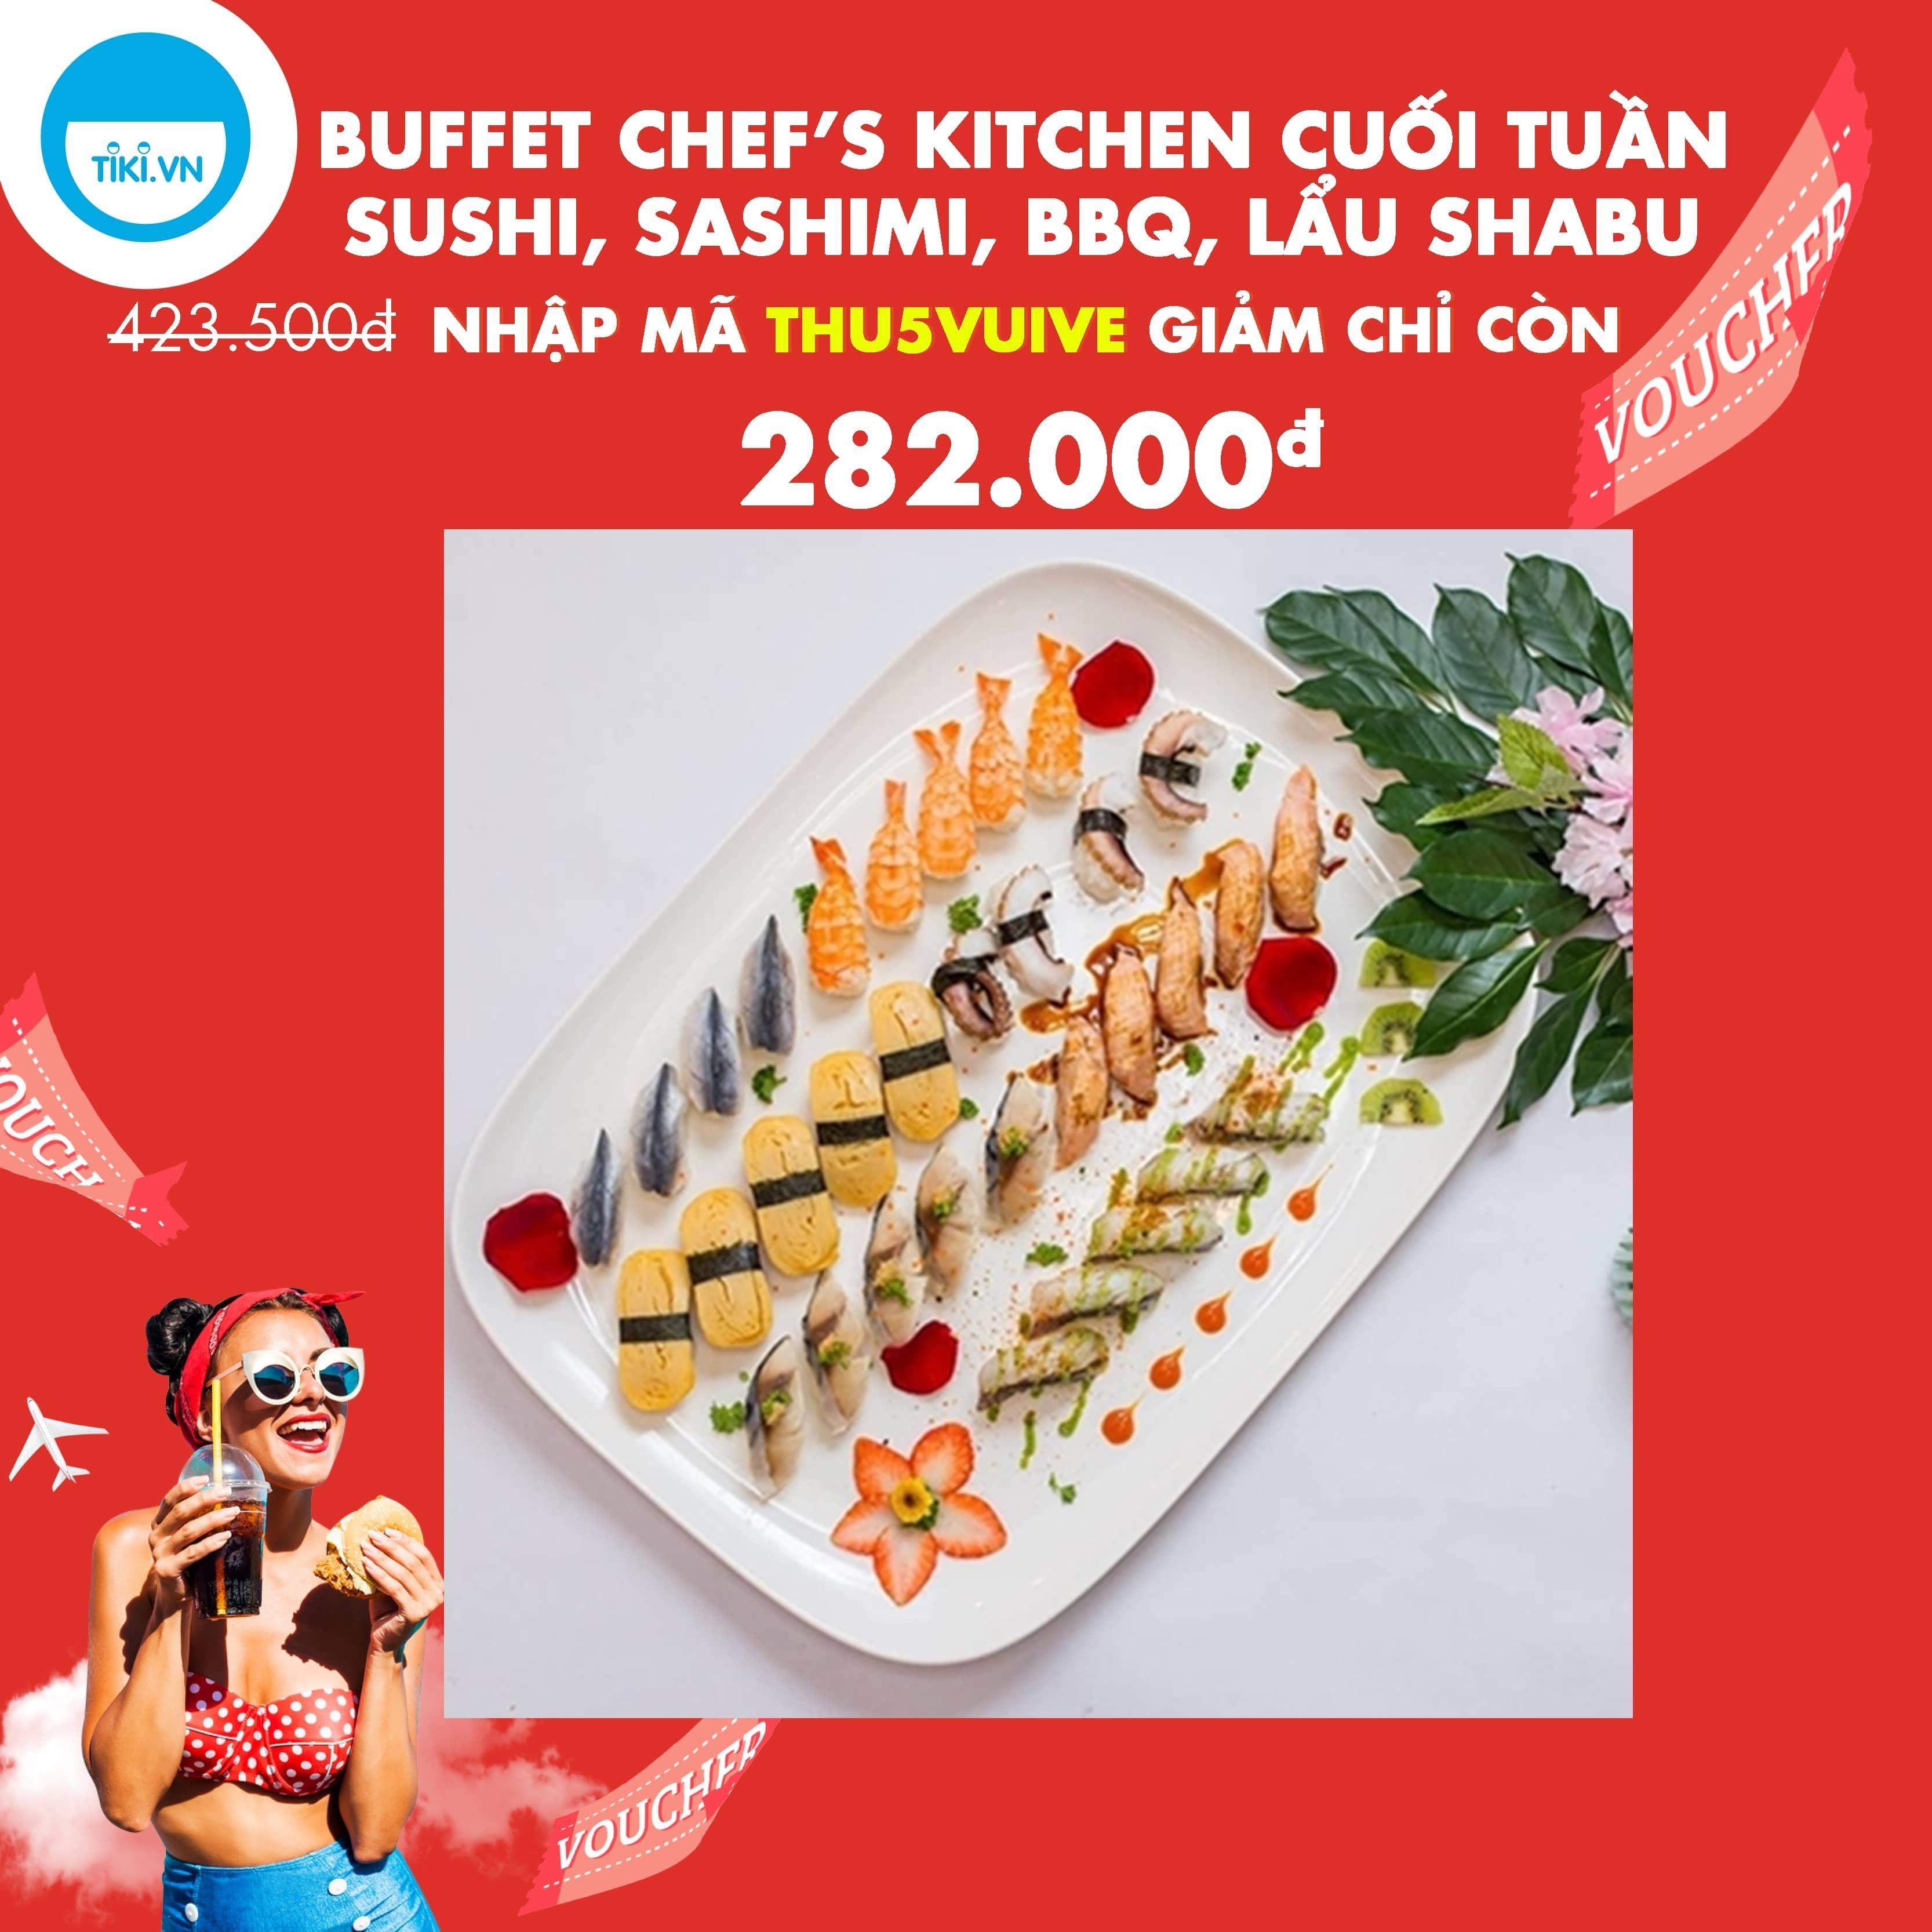 Buffet Line Gần 70 Món Châu Á Và Shabu Bò Cuối Tuần - Chef's Kitchen (Thứ 7, Chủ Nhật Và Ngày Lễ)